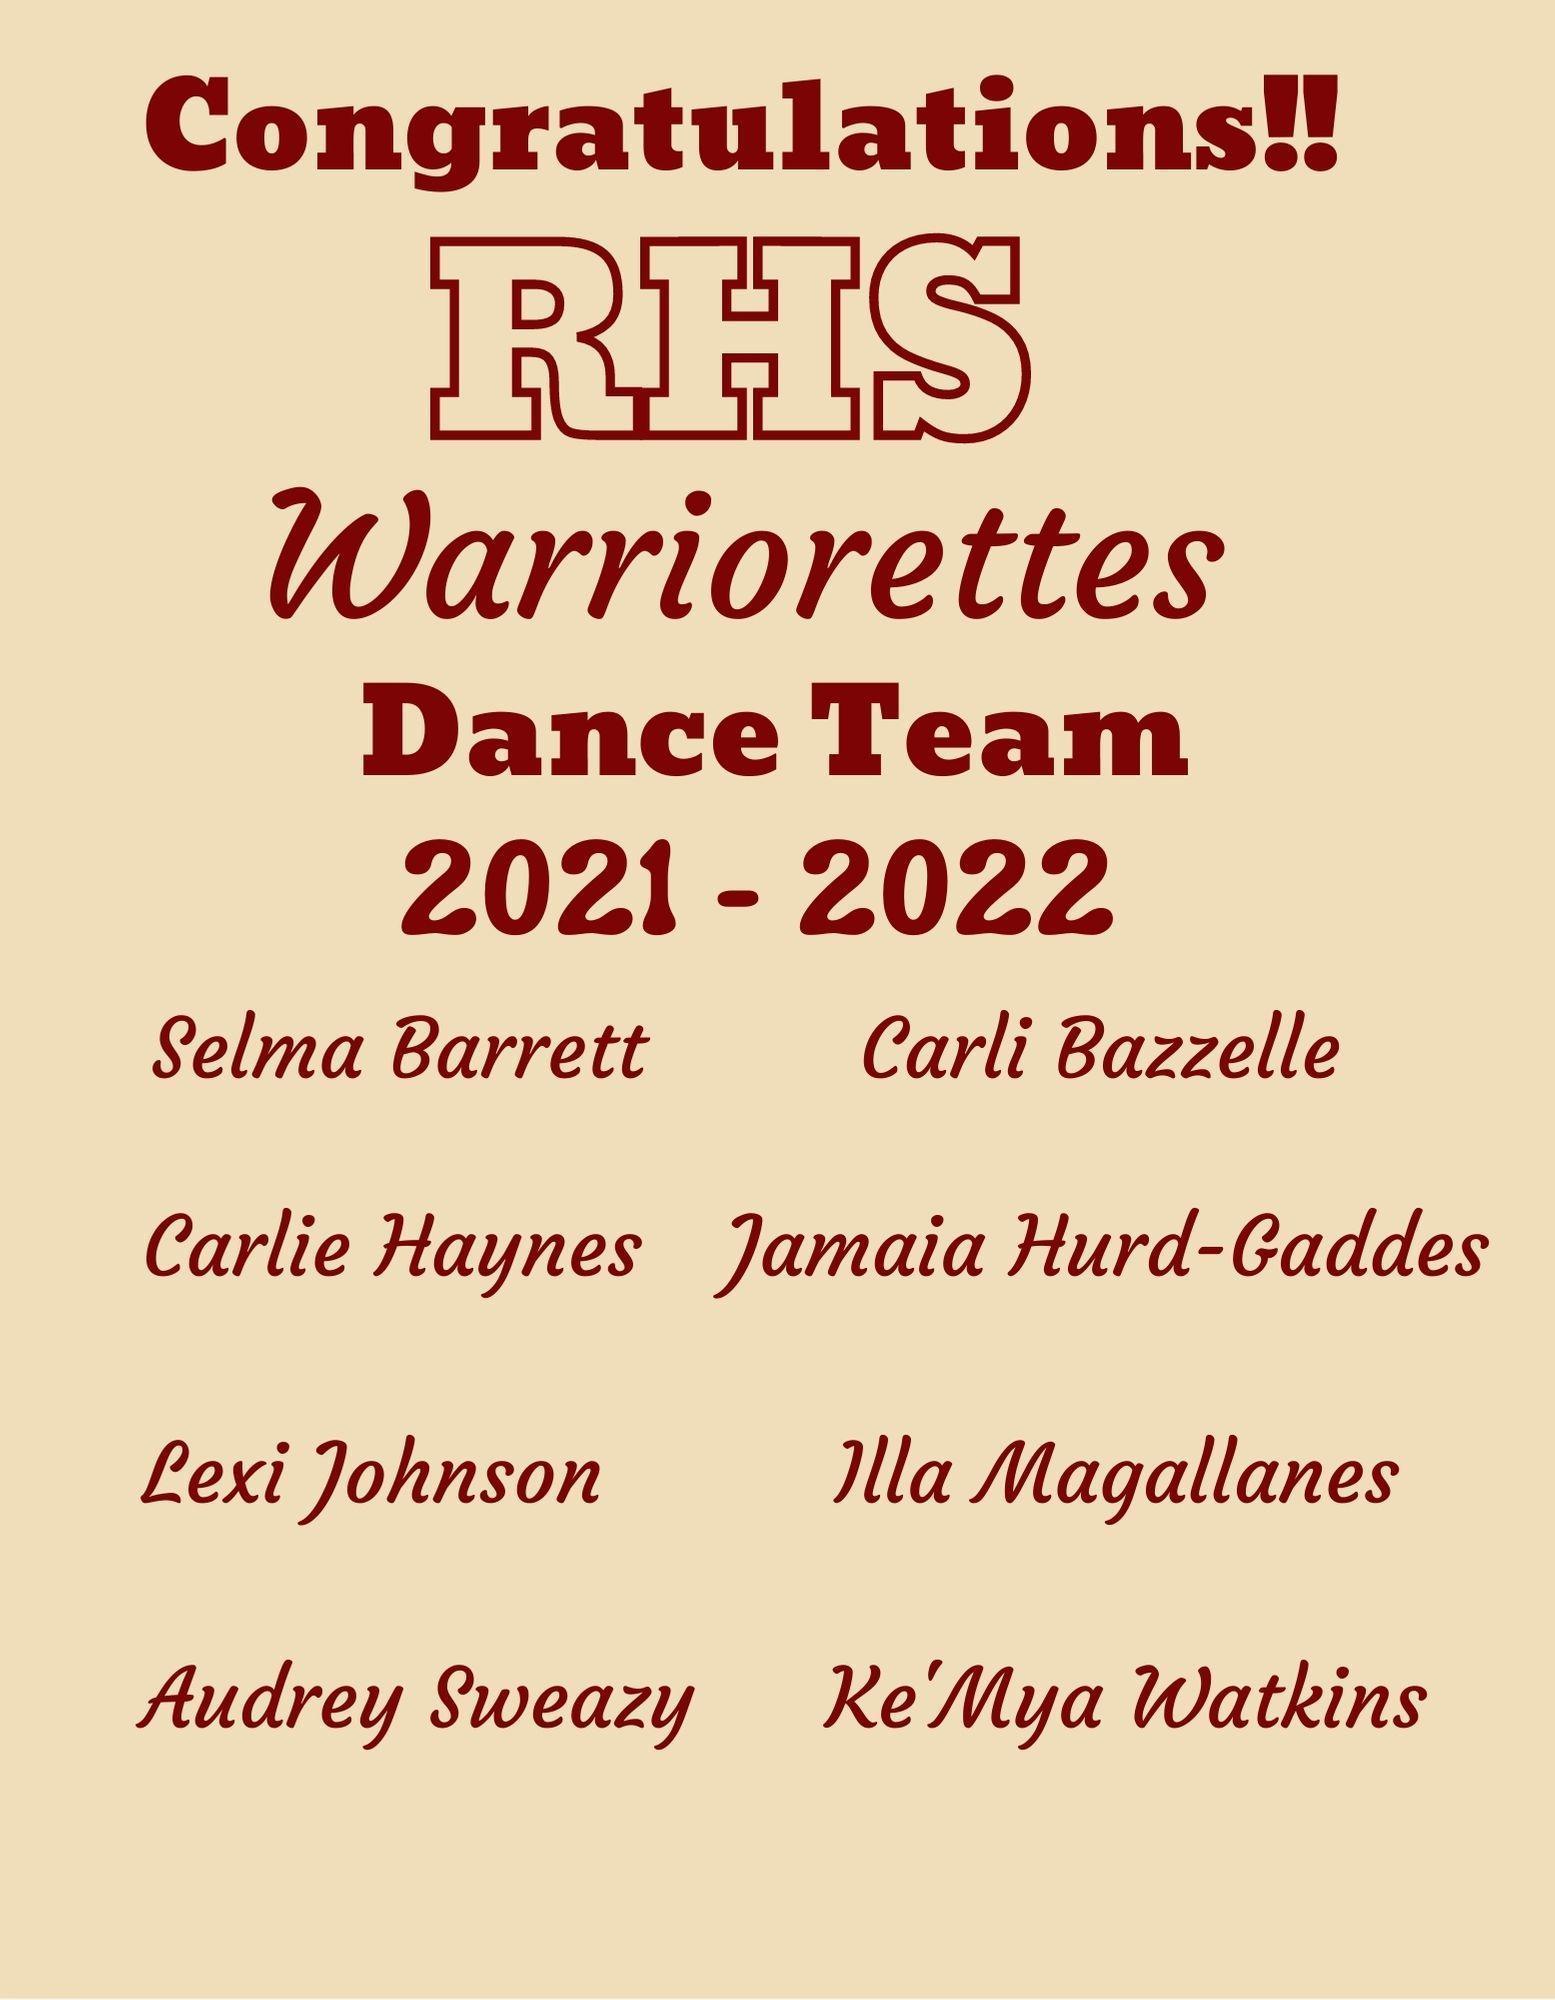 2021 - 2022 Team Members